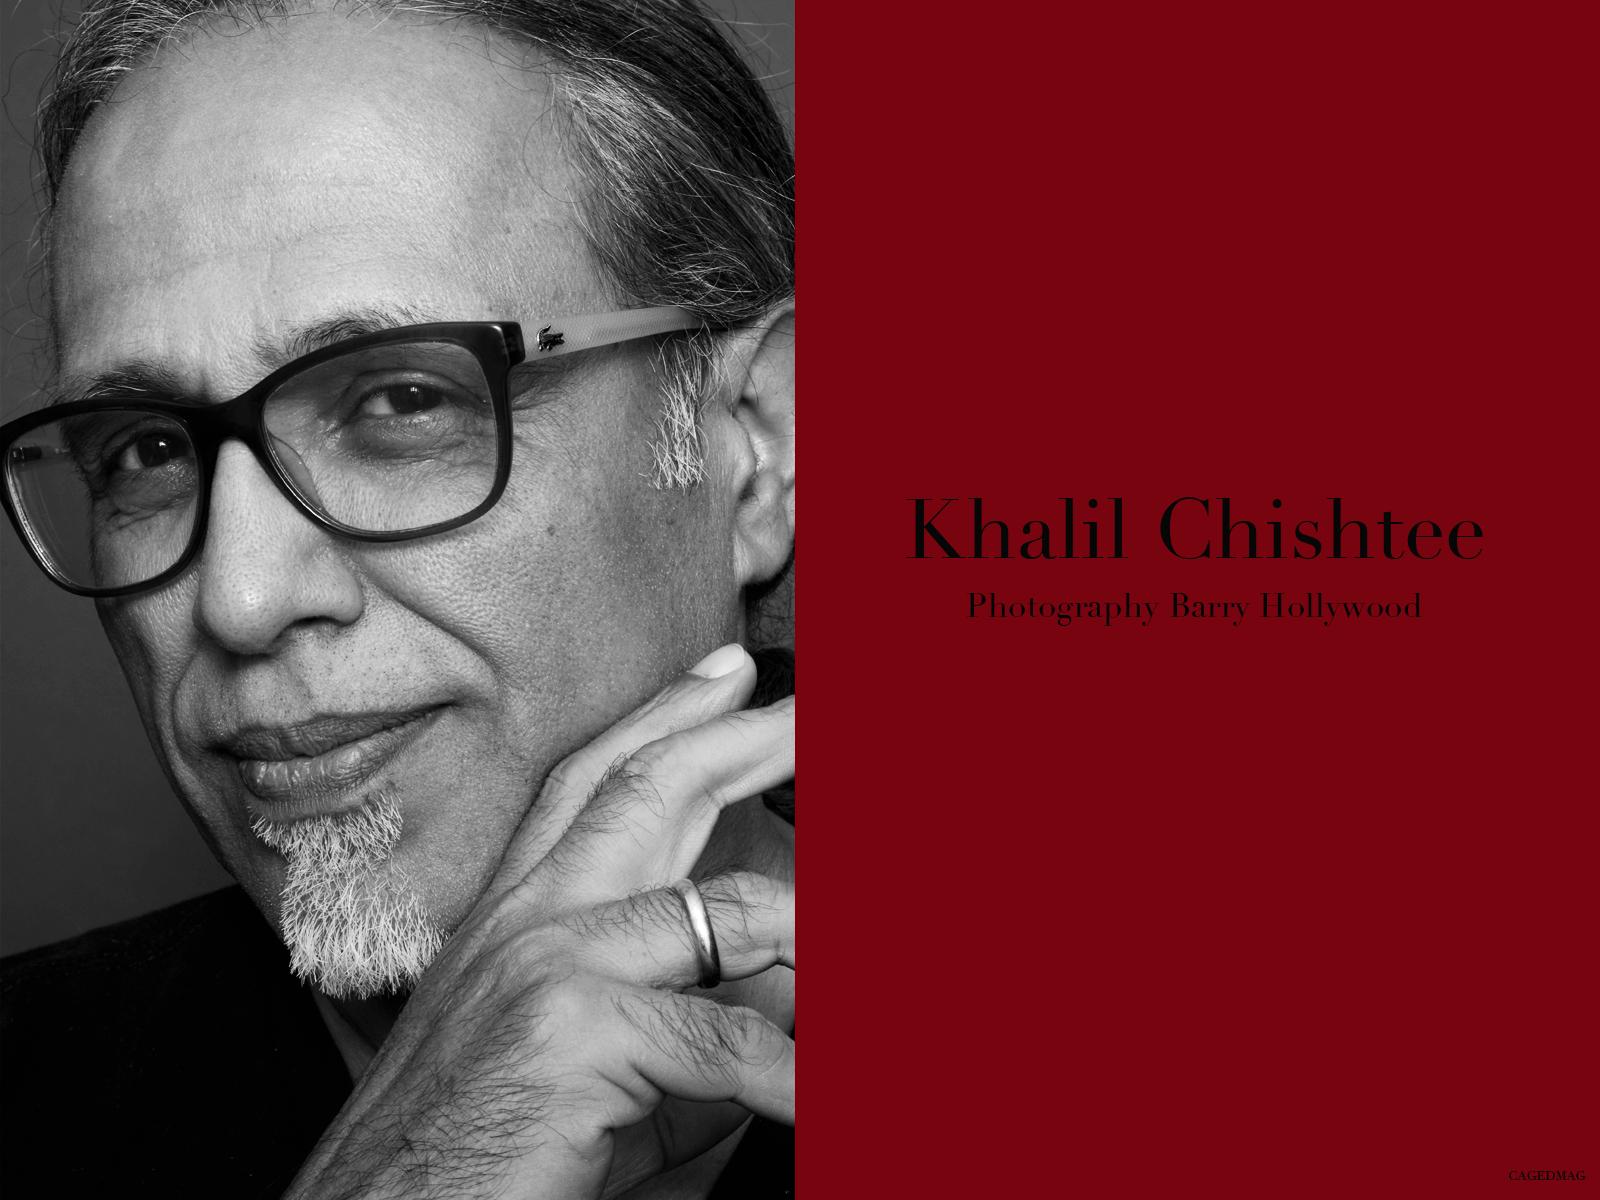 פסלי שקיות הניילון של Khalil Chistee